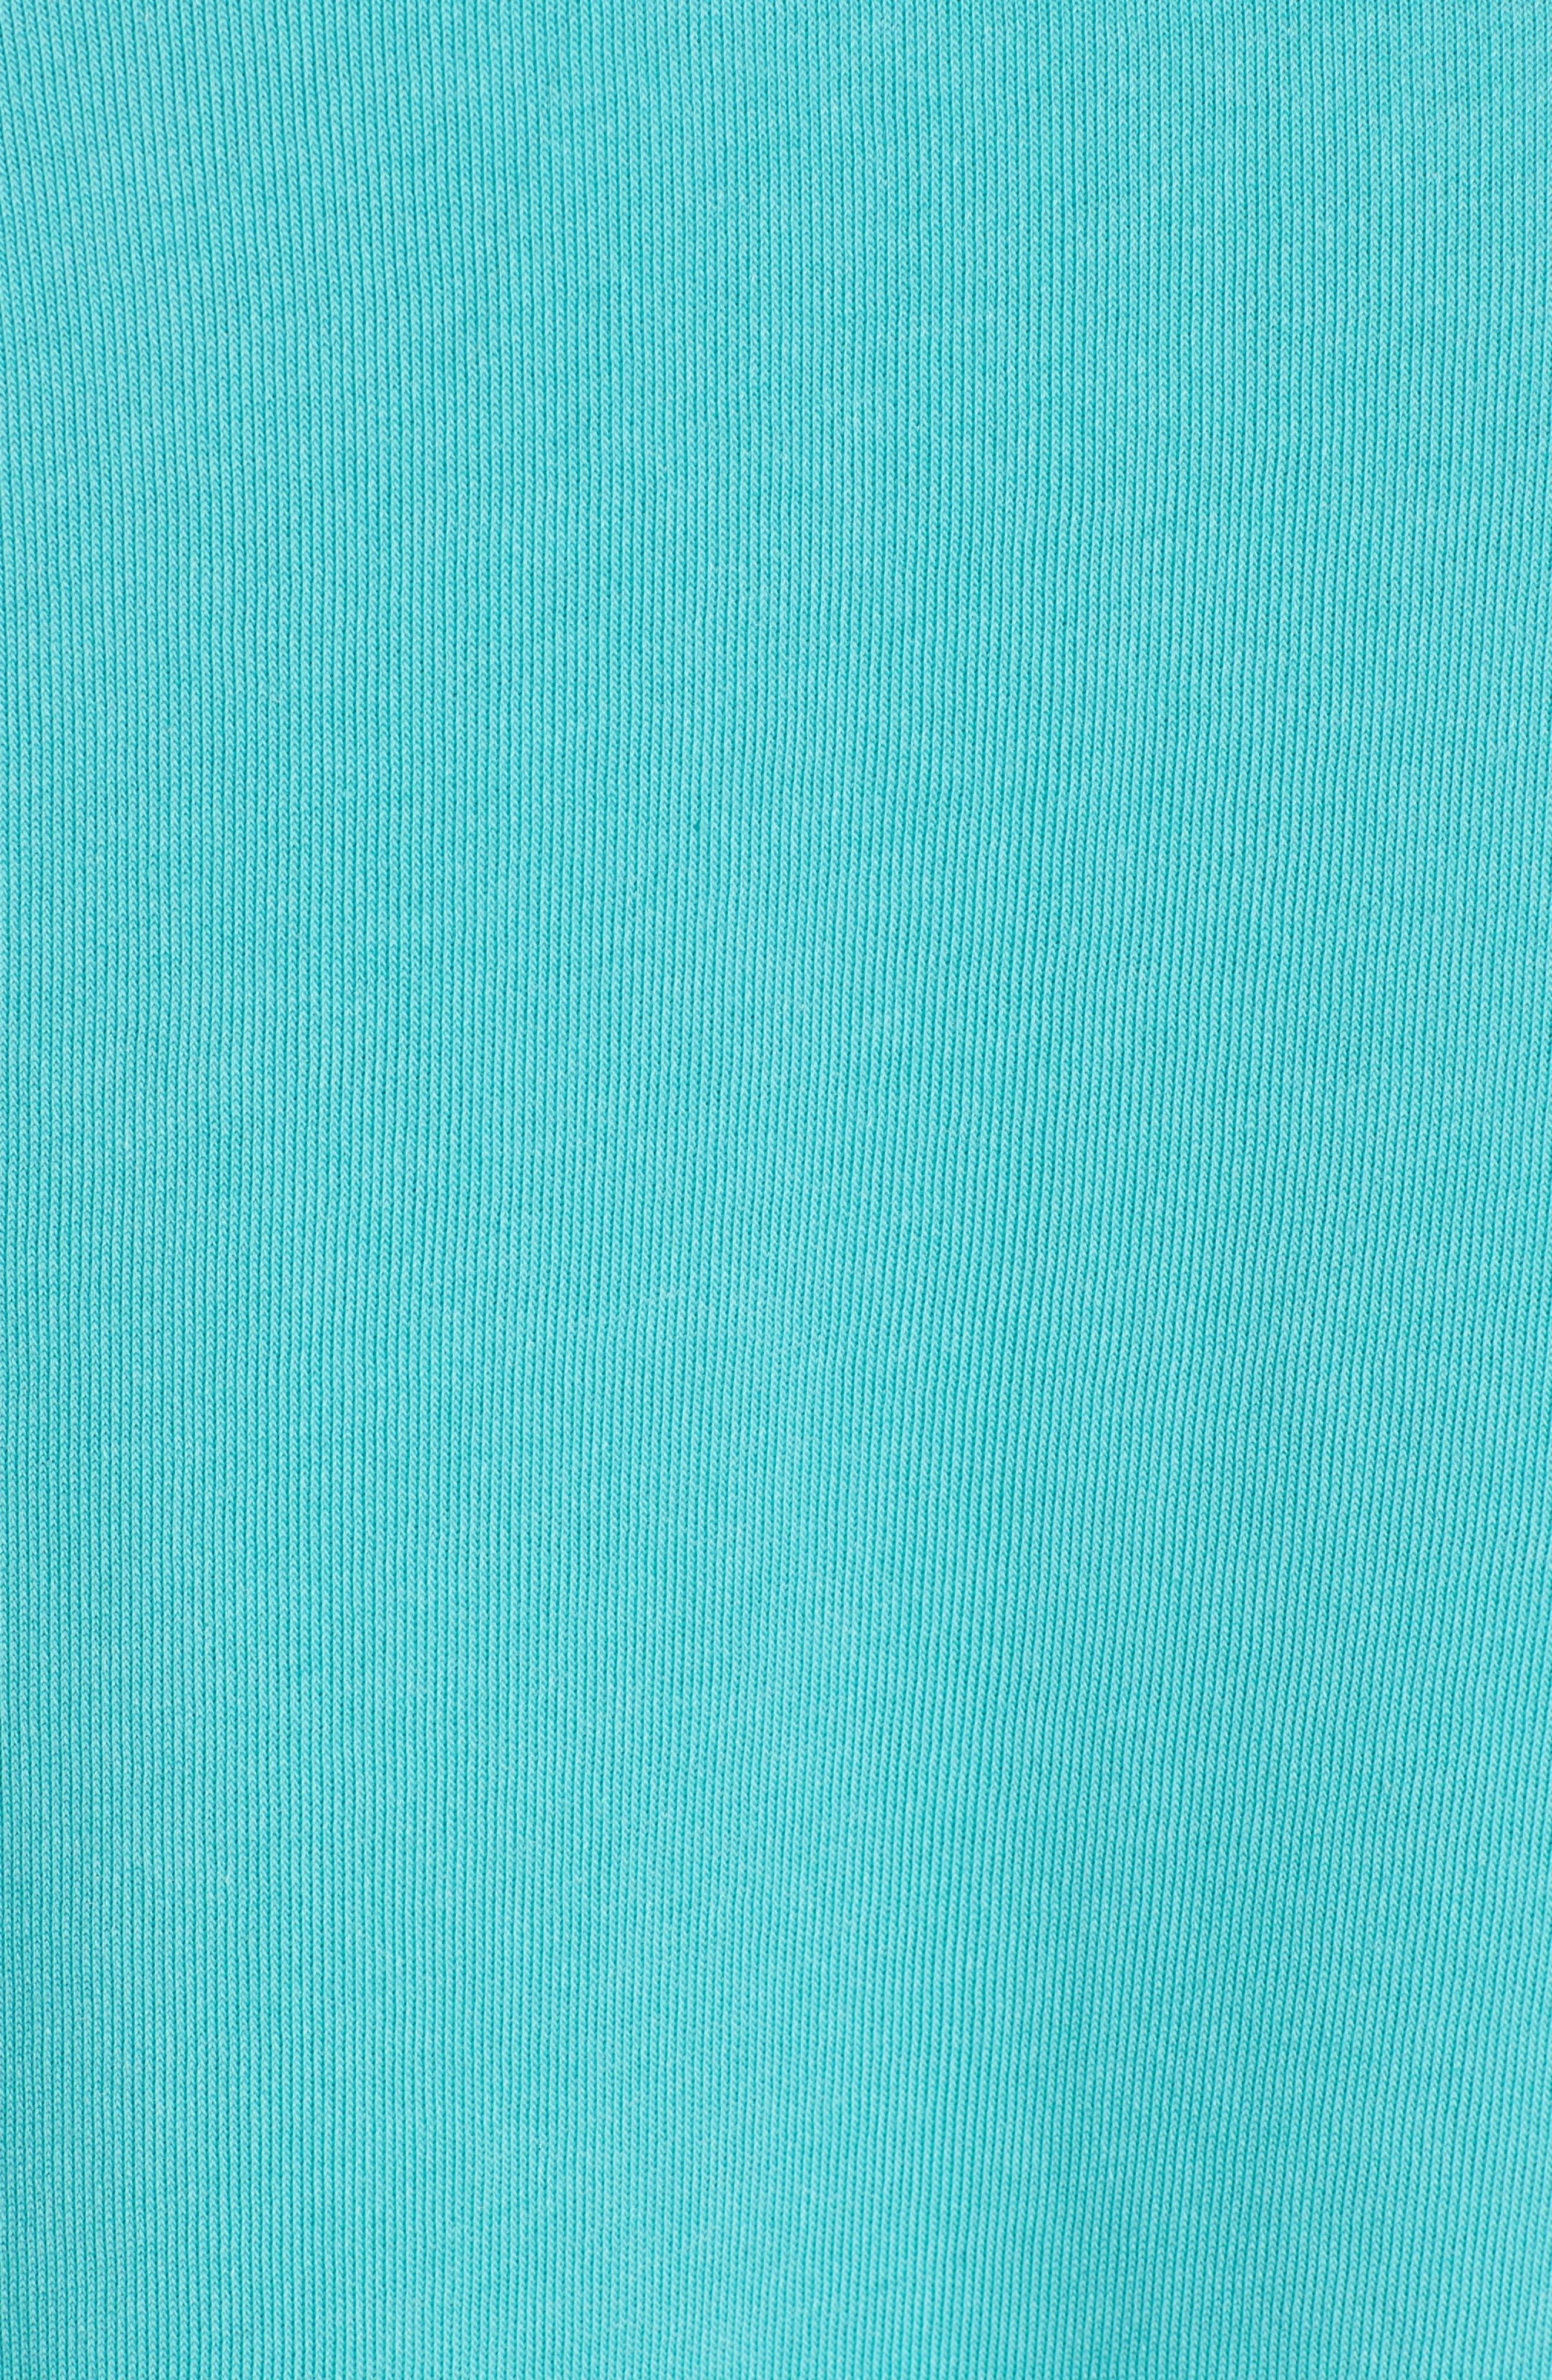 Heirlooms Sommers Sweatshirt,                             Alternate thumbnail 5, color,                             440